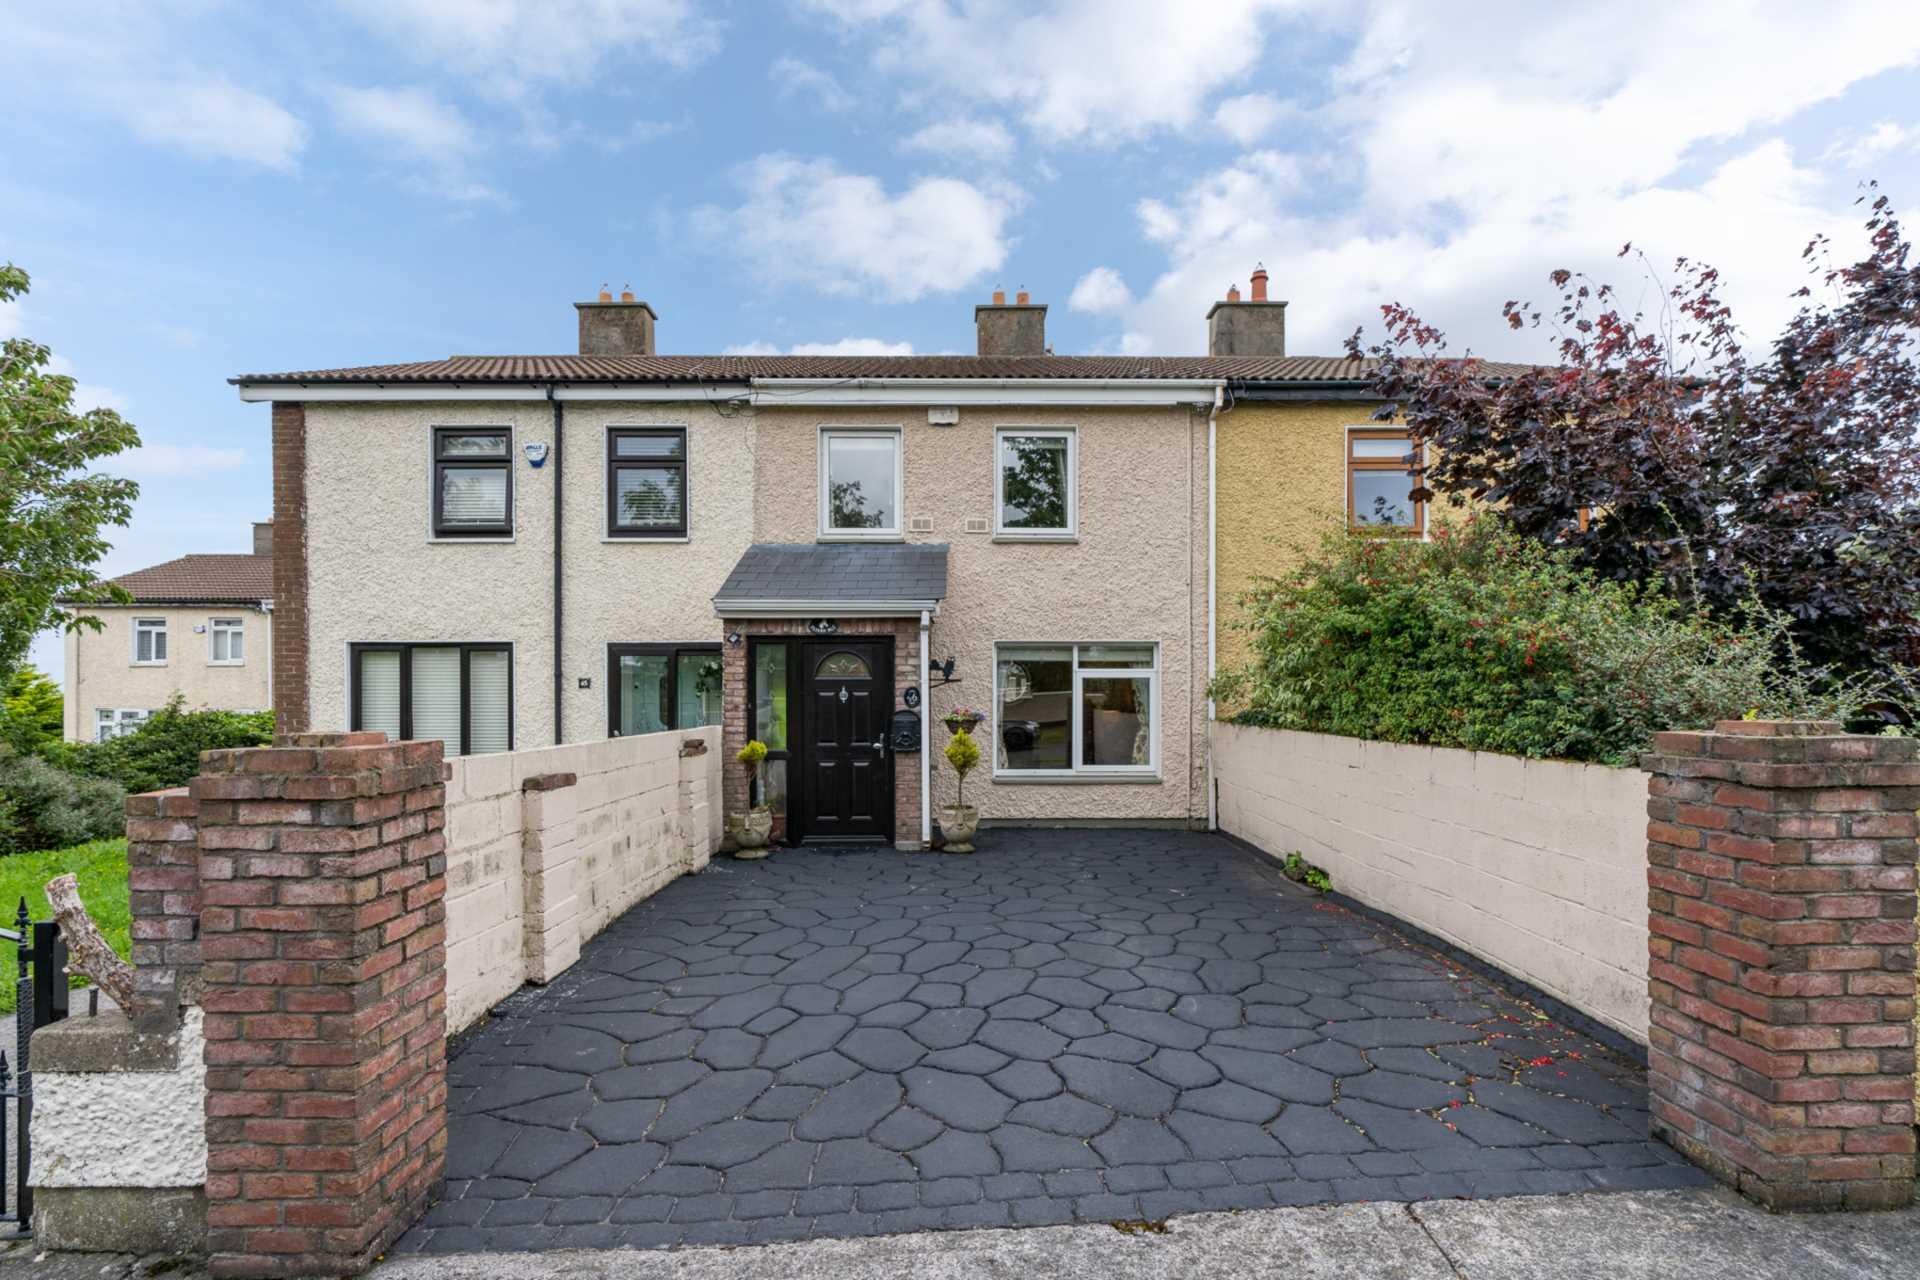 46 Killinarden Heights, Tallaght, Dublin 24, Image 1